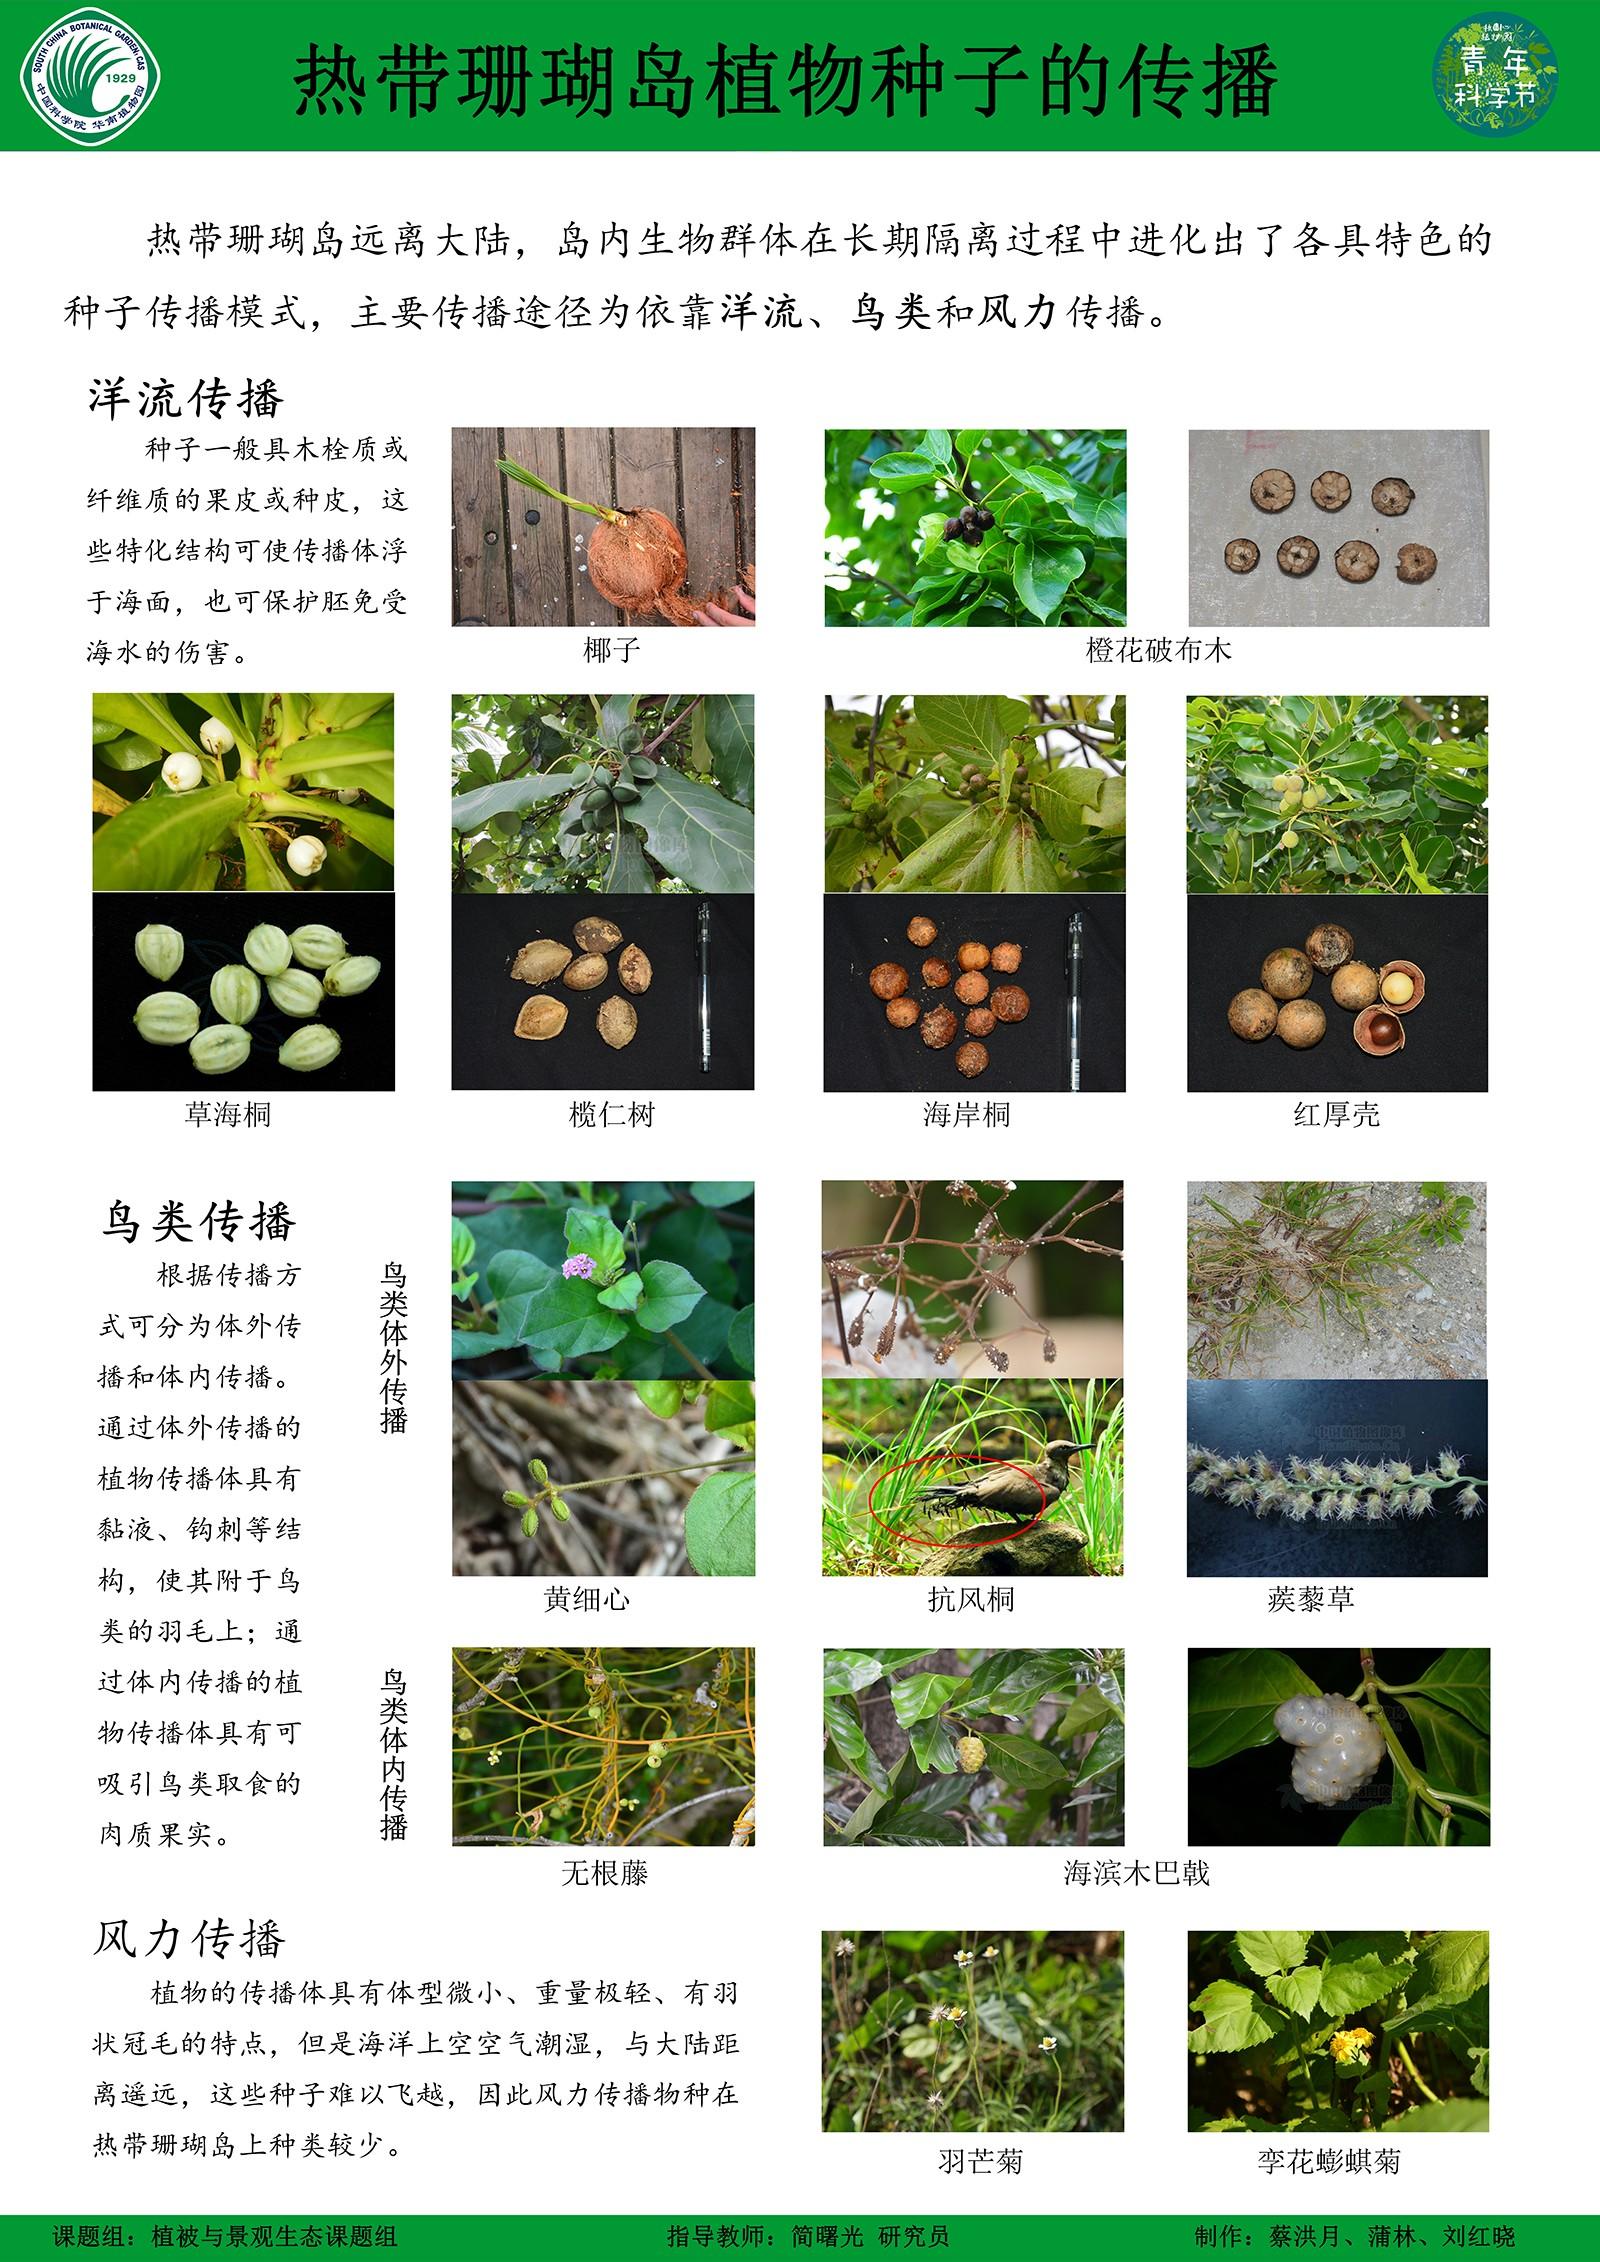 蔡洪月-景观生态-珊瑚岛植被恢复